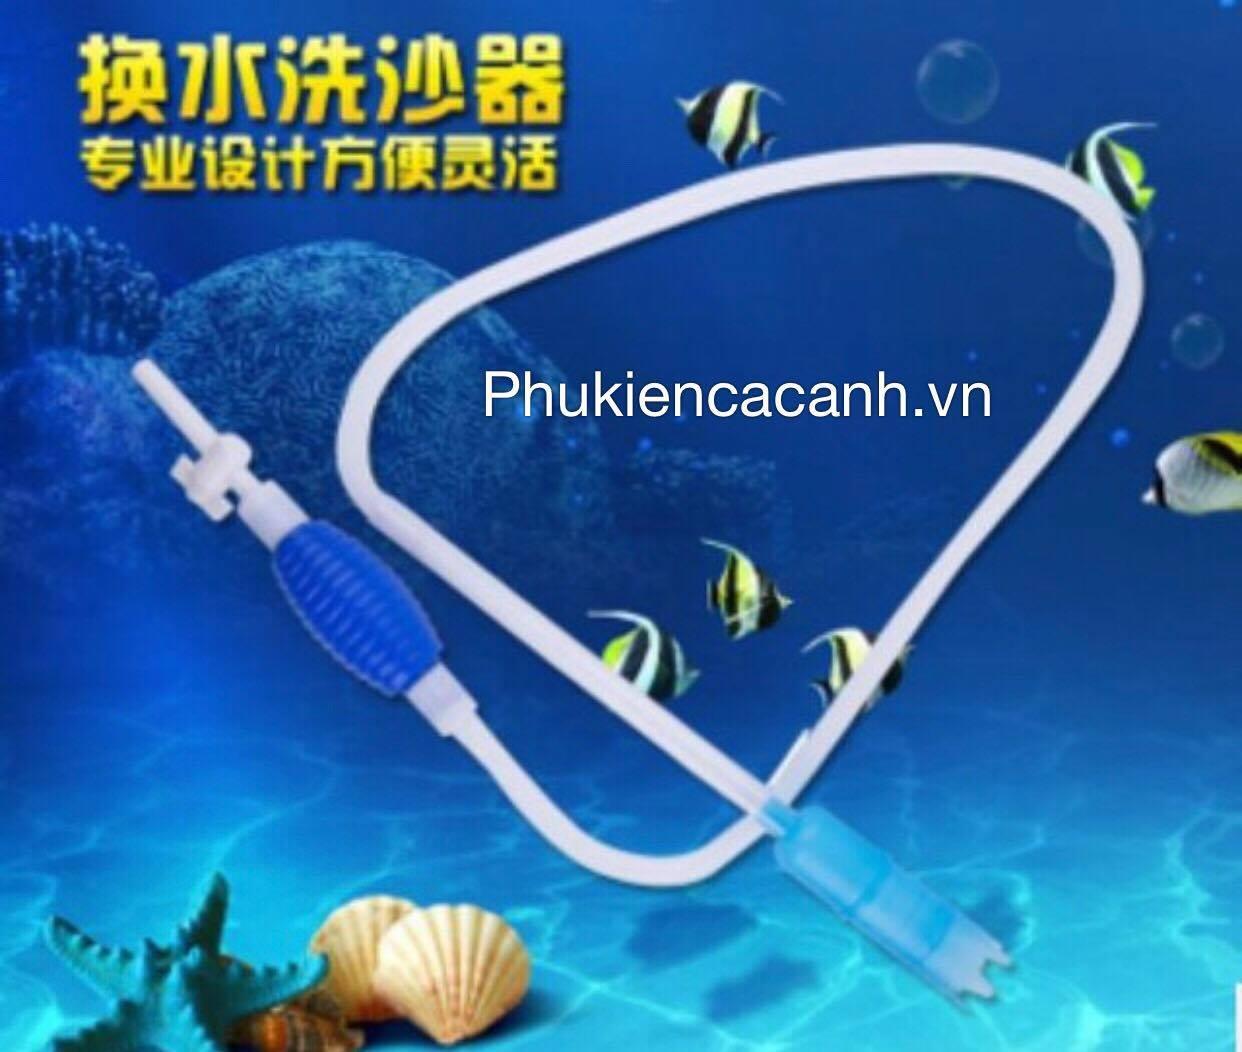 Hút Cặn Bể Cá Bóp Tay